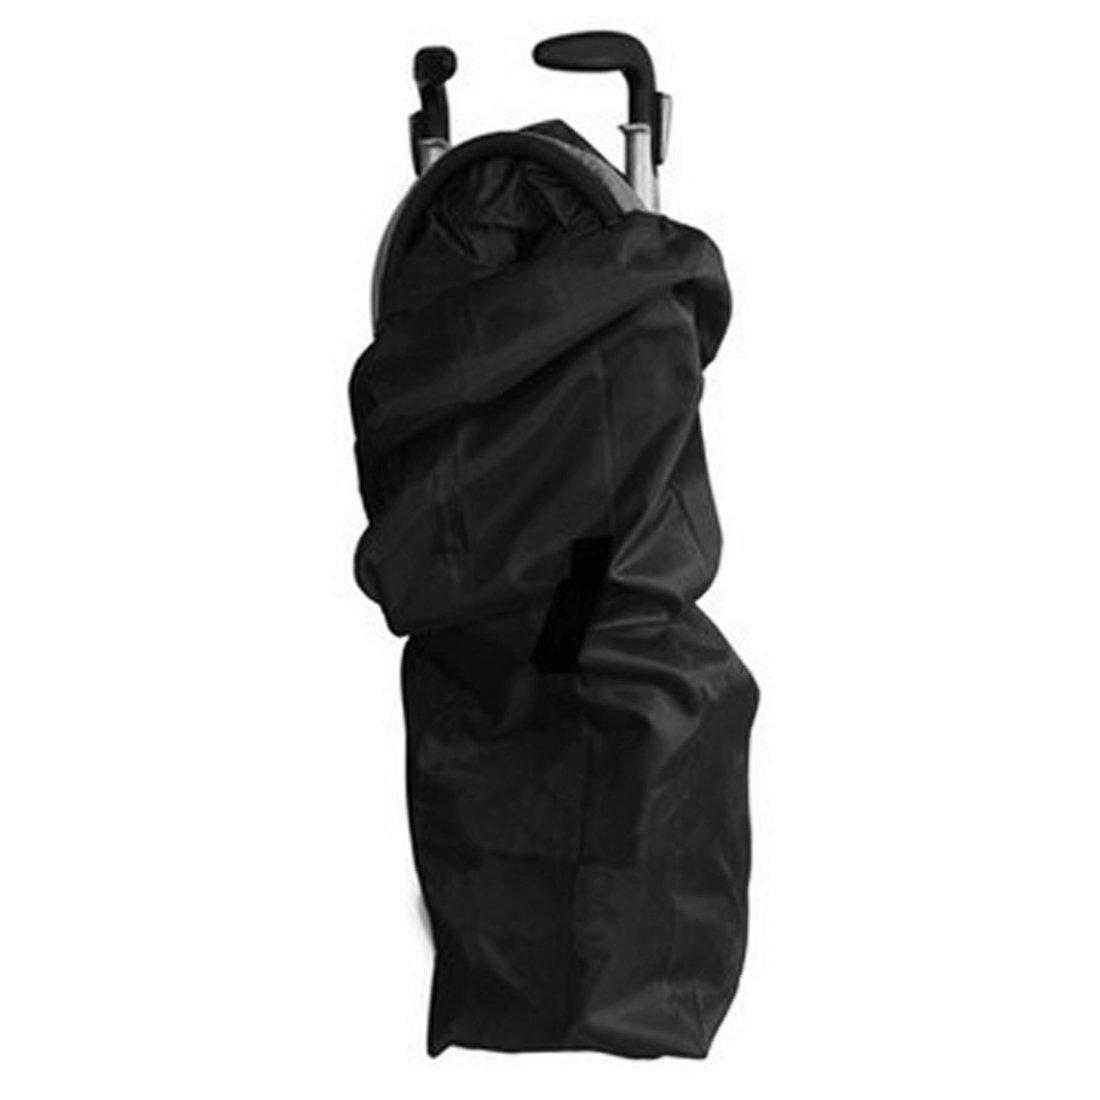 Kinderwagen -Tor überprüfen Tasche für die Reise Fit meisten Regenschirm-Spaziergänger TCT-02 PP-ZHU